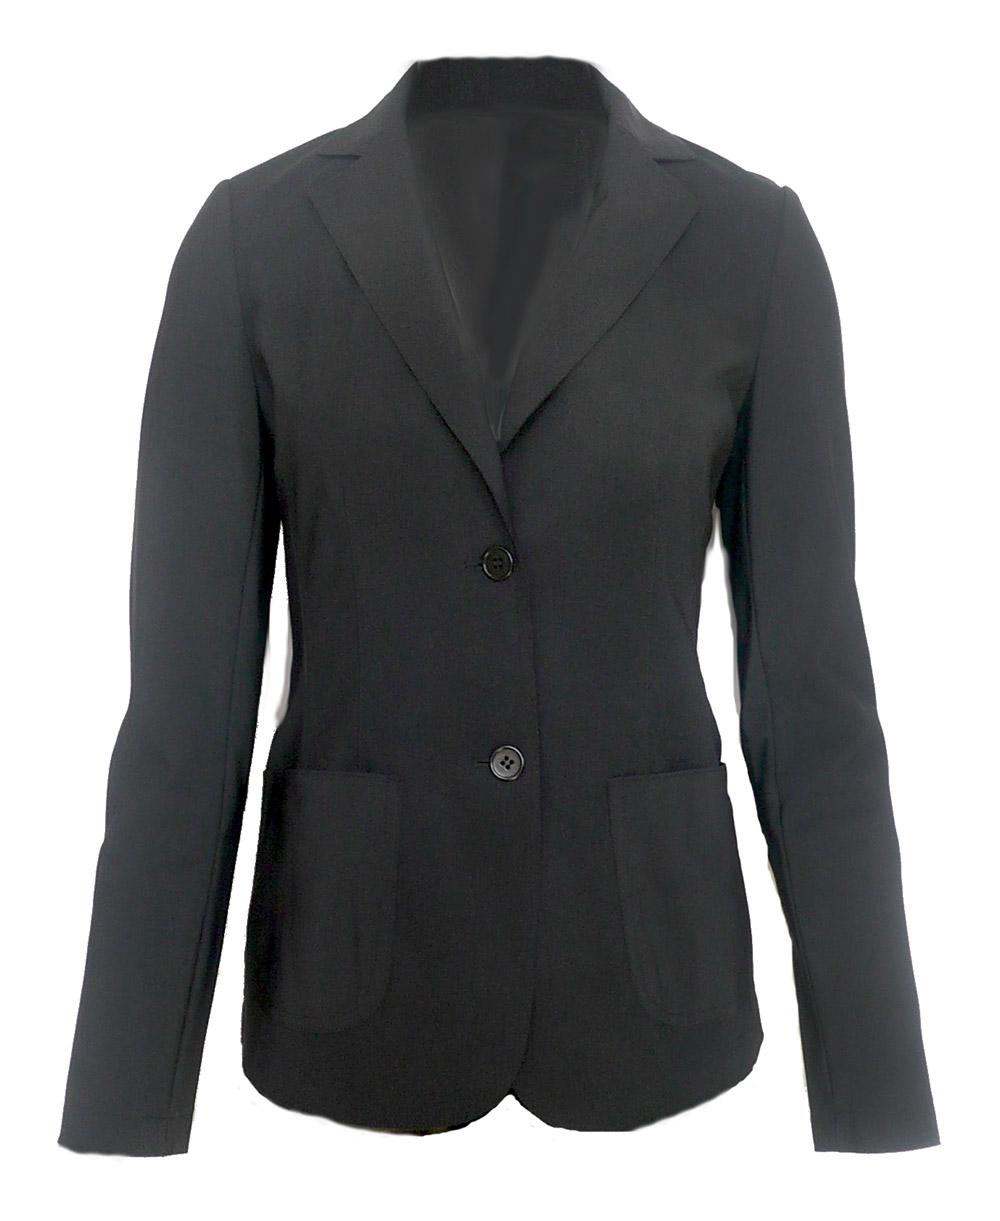 black suit jacket.jpg